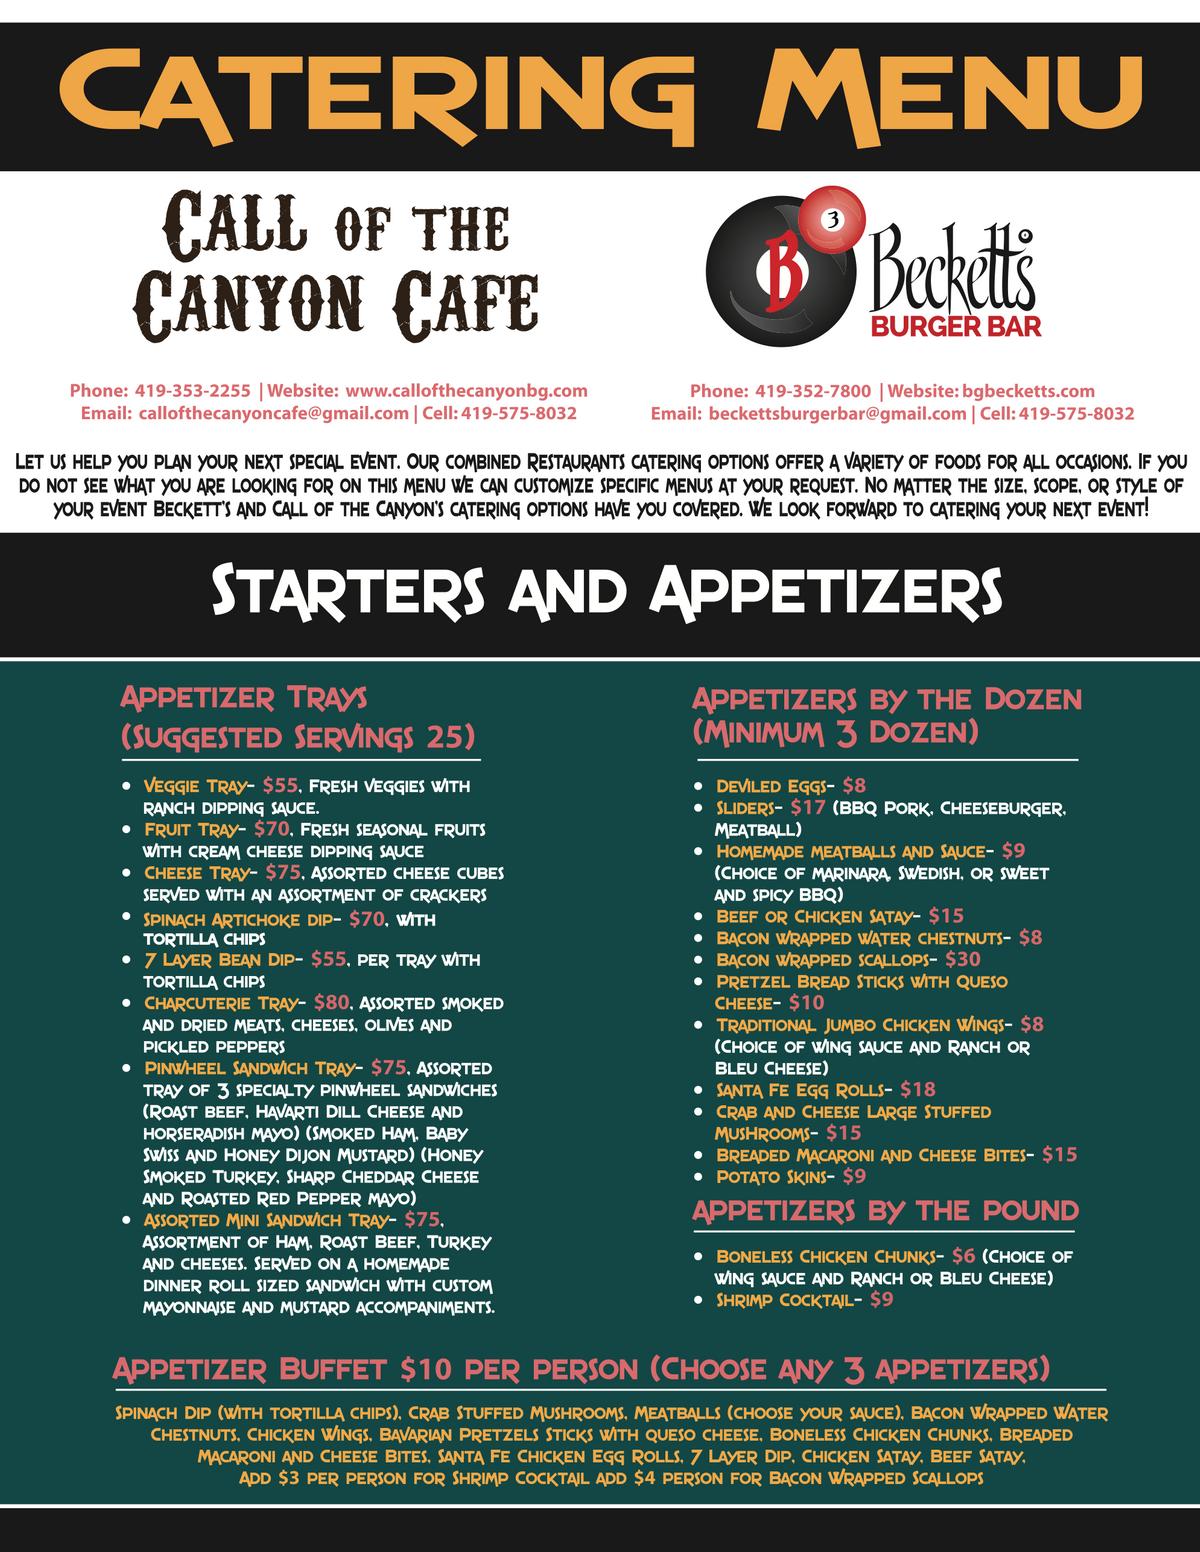 catering-menu-1.png